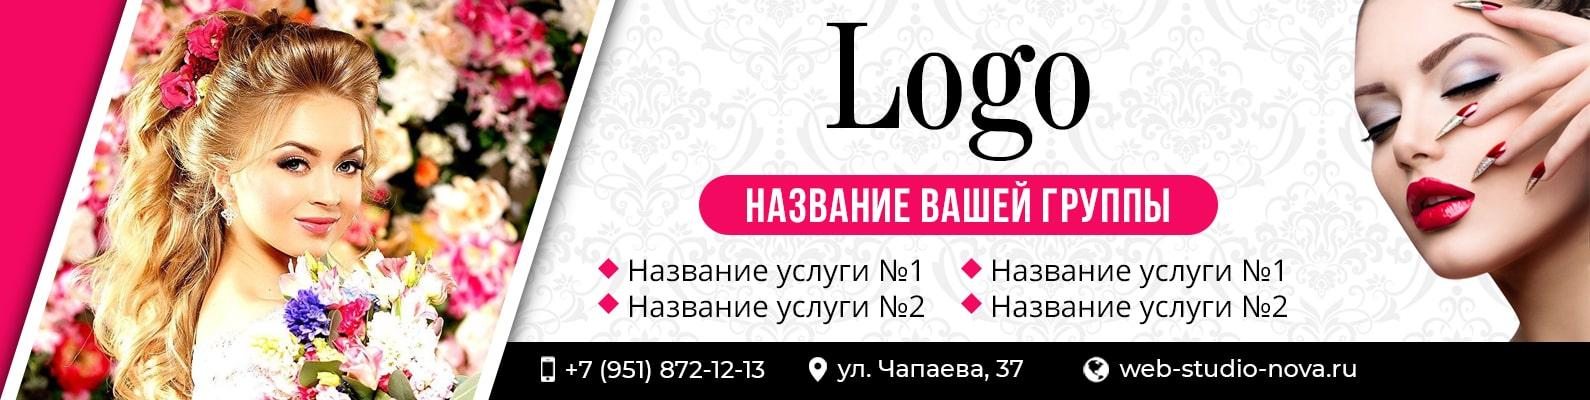 Получите свою обложку ВКонтакте бесплатно!